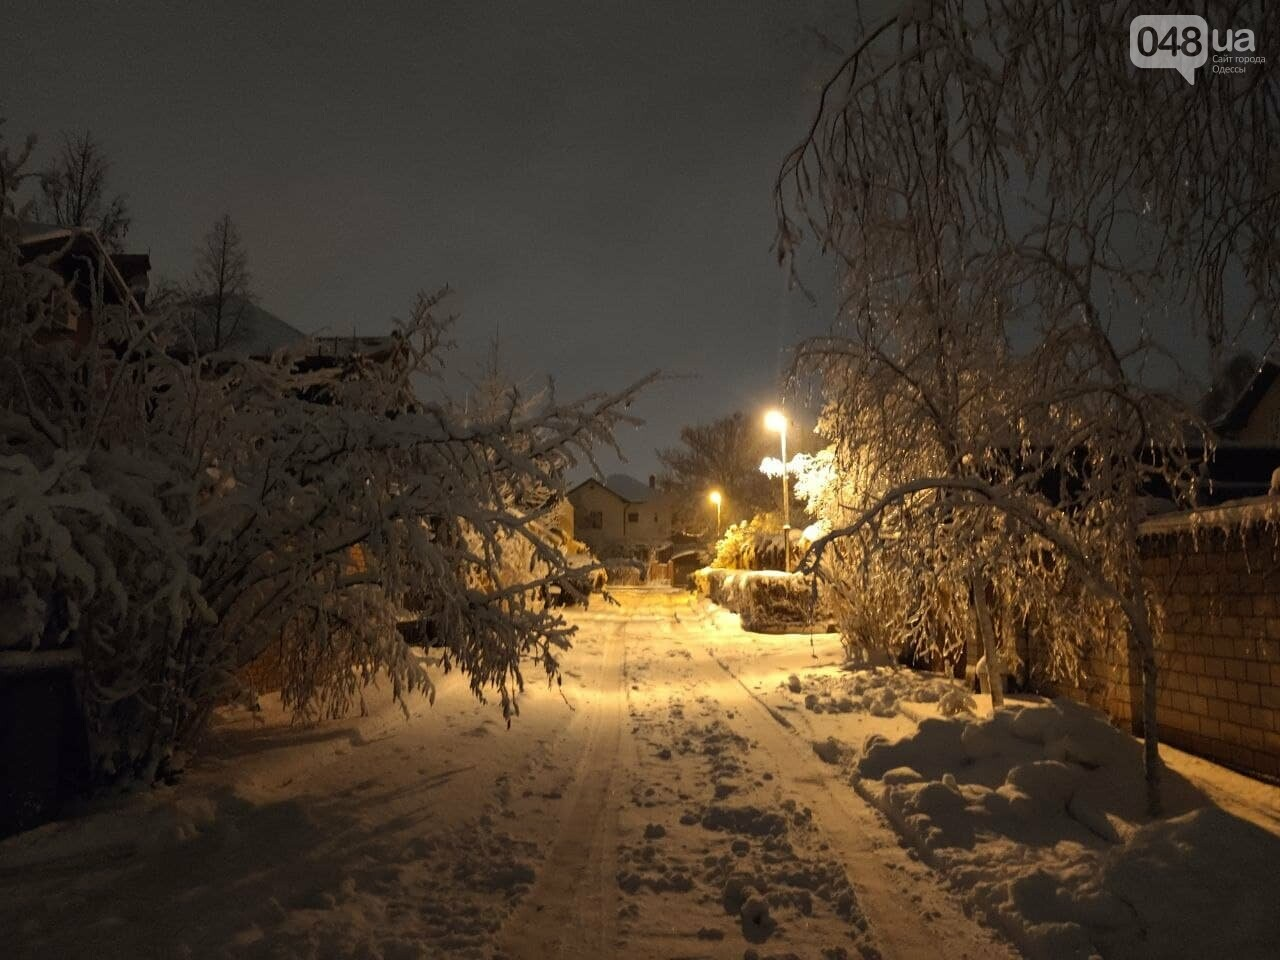 Зимняя сказка на одесской Рублевке: как выглядит Совиньон в снегу, - ФОТОРЕПОРТАЖ, фото-17